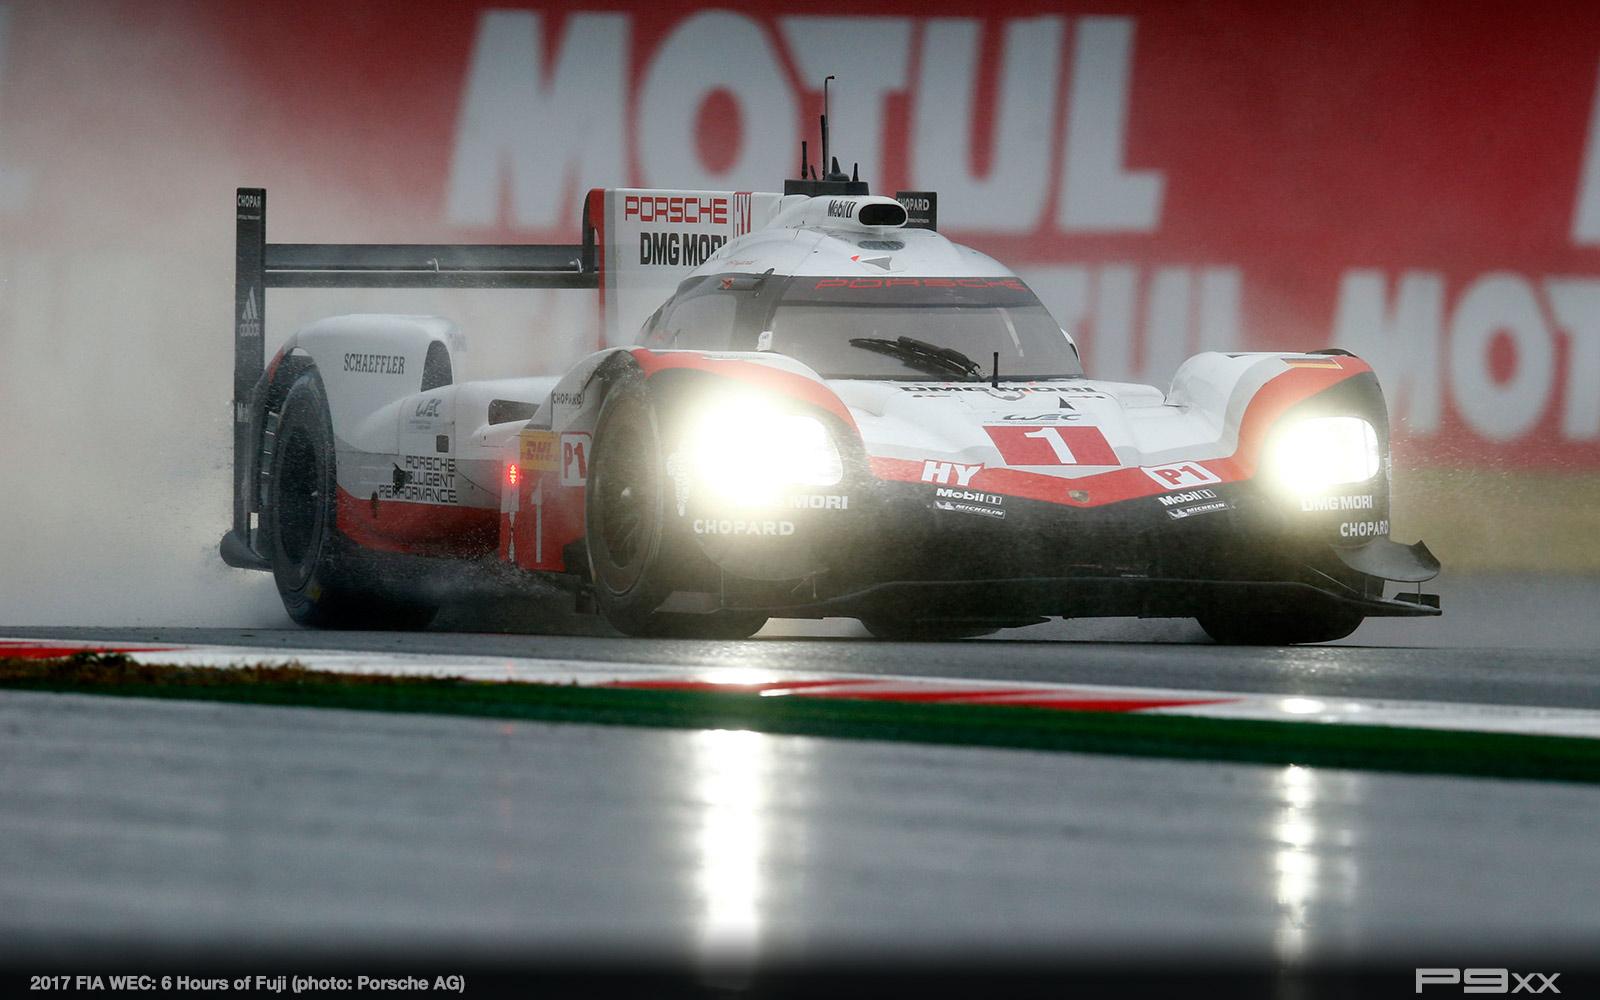 2017-FIA-WEC-6h-of-Fuji-Porsche-371